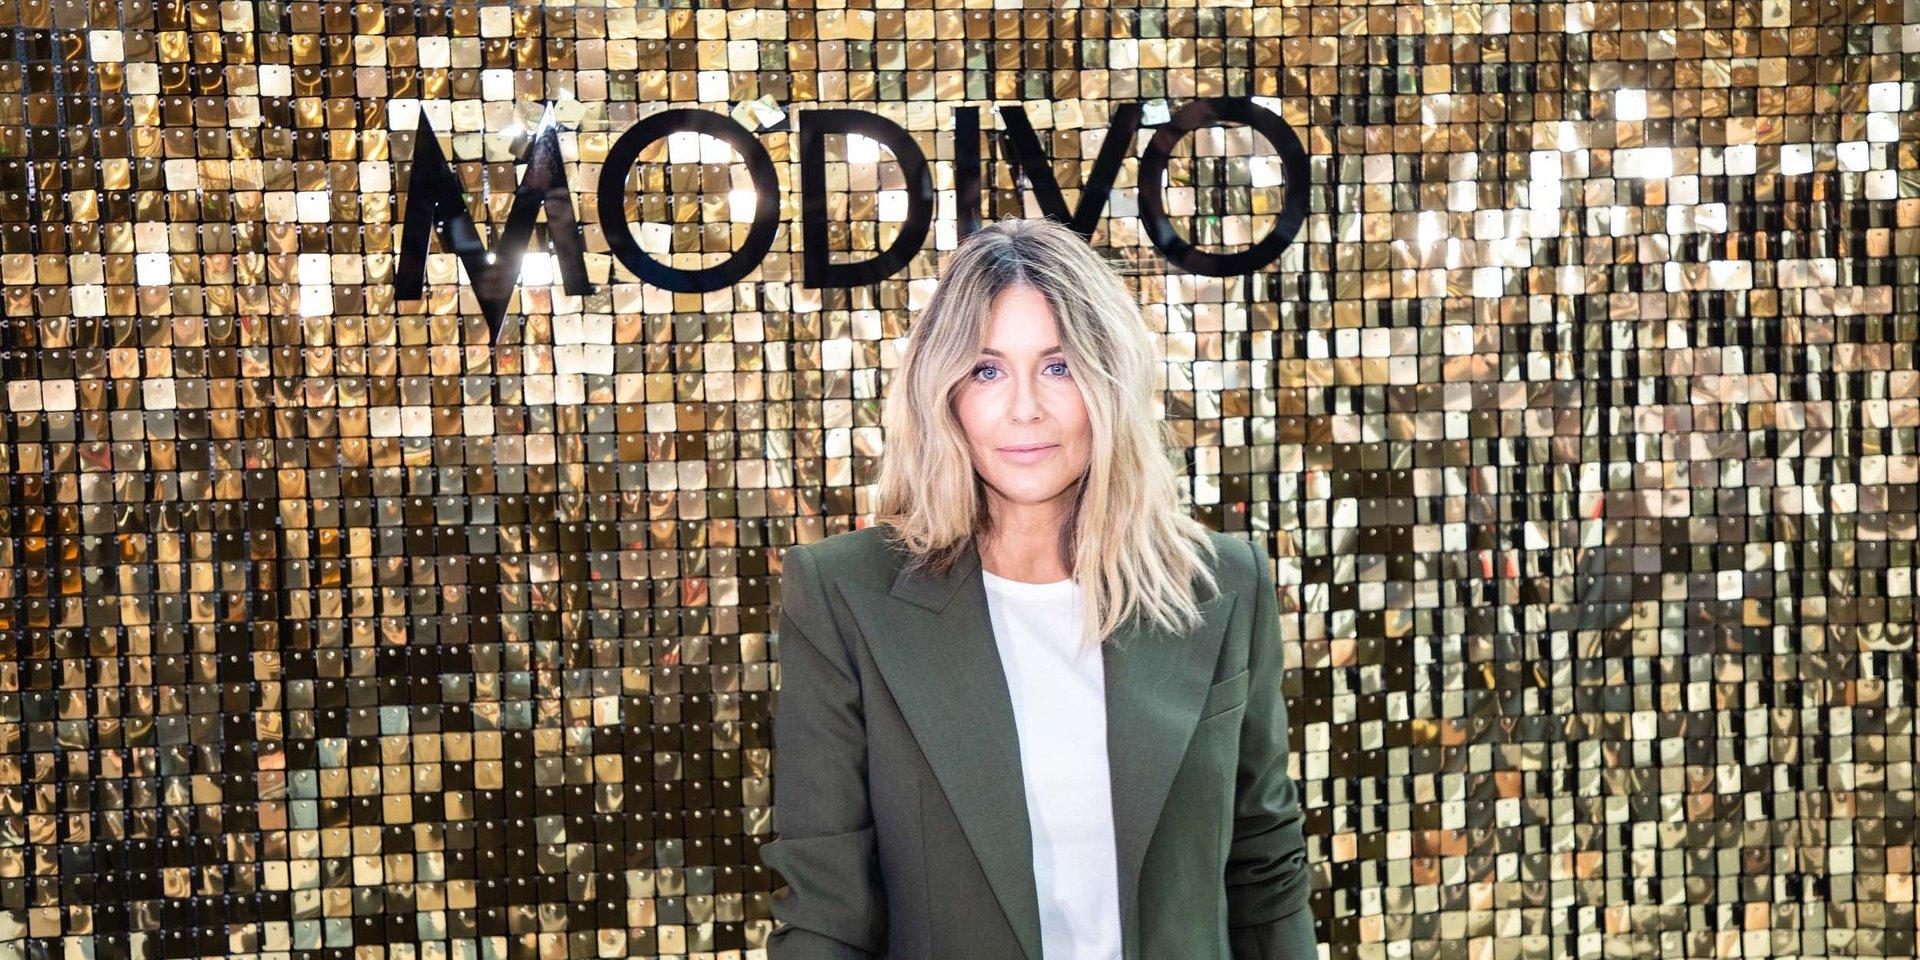 Plejada gwiazd na urodzinowym evencie Modivo